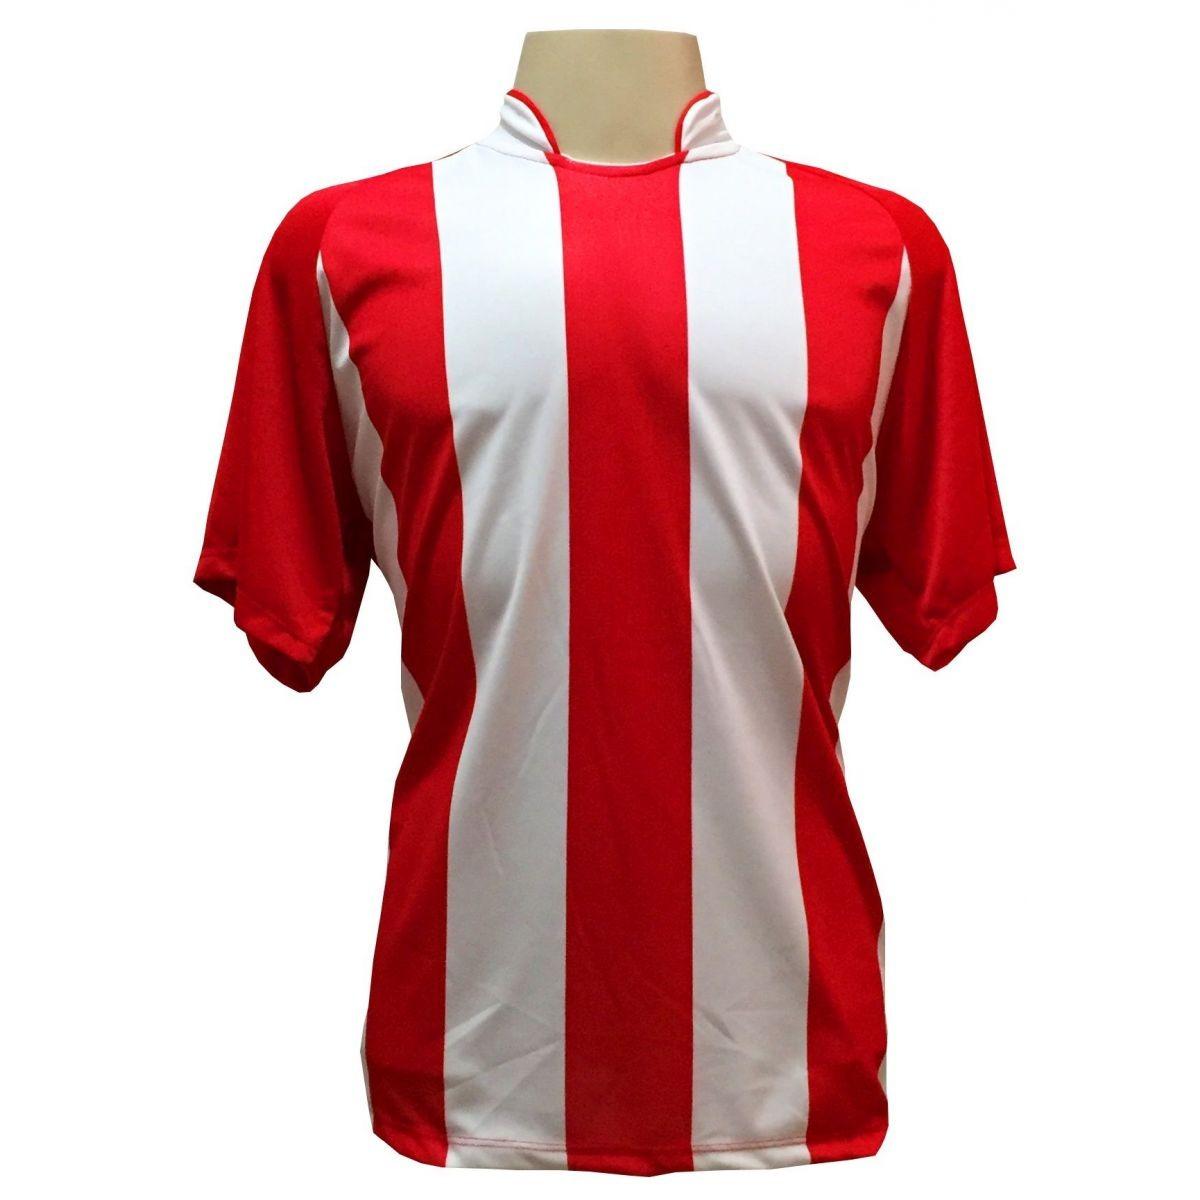 jogo de camisa com 18 unidades modelo milan vermelho branco. Carregando  zoom. 61f672e95b6d7